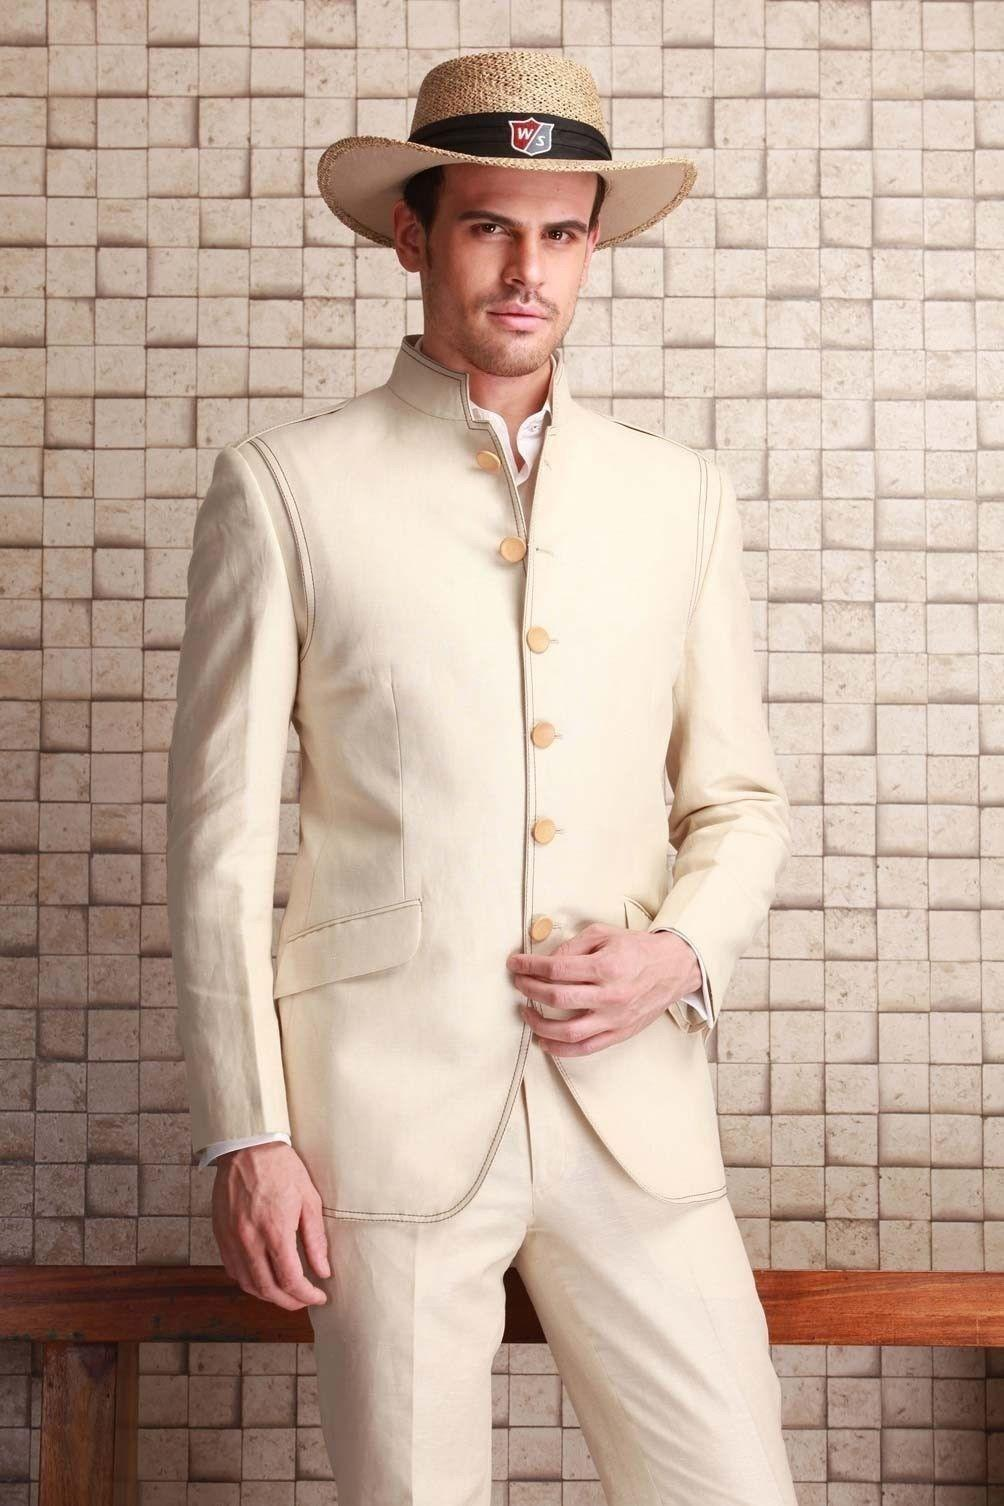 Berühmt Indische Hochzeit Klage Für Mann Fotos - Brautkleider Ideen ...